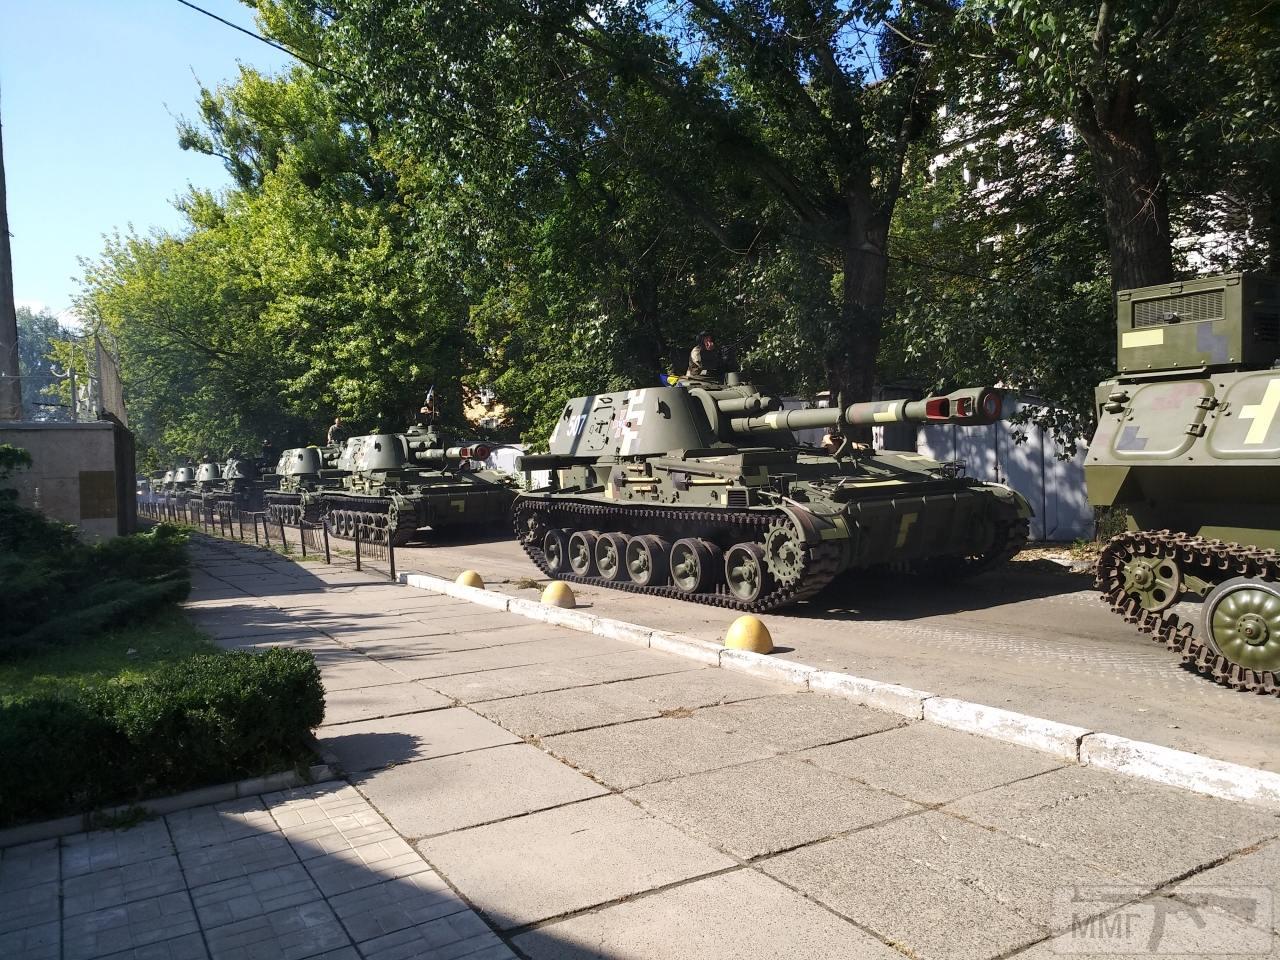 33631 - Реалії ЗС України: позитивні та негативні нюанси.